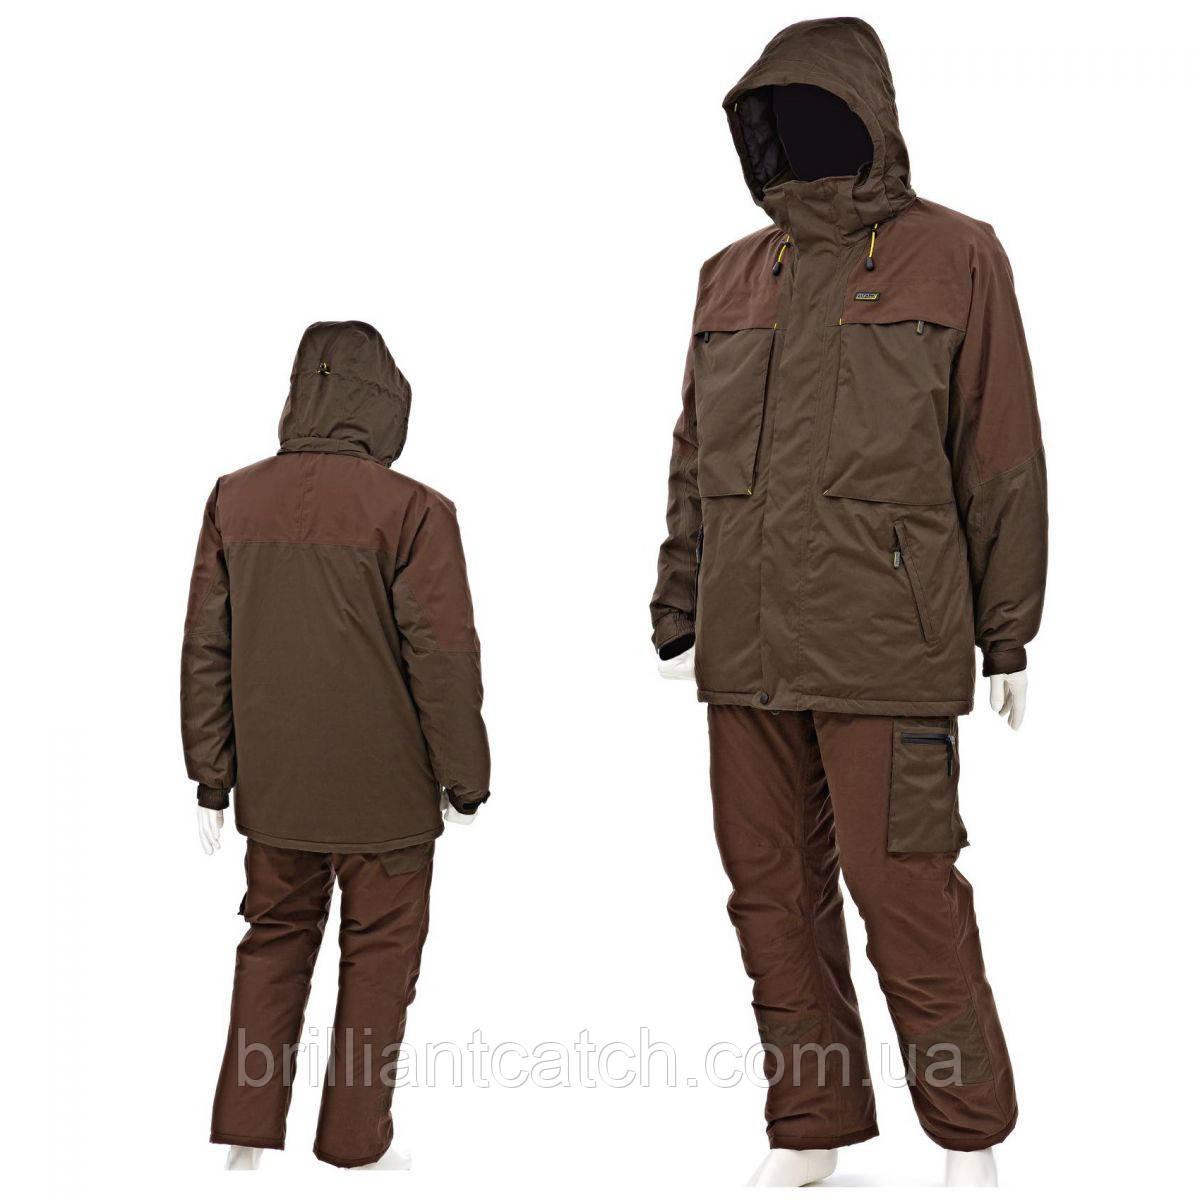 Костюм зимний -20°  DAM MAD Winter куртка+брюки XL